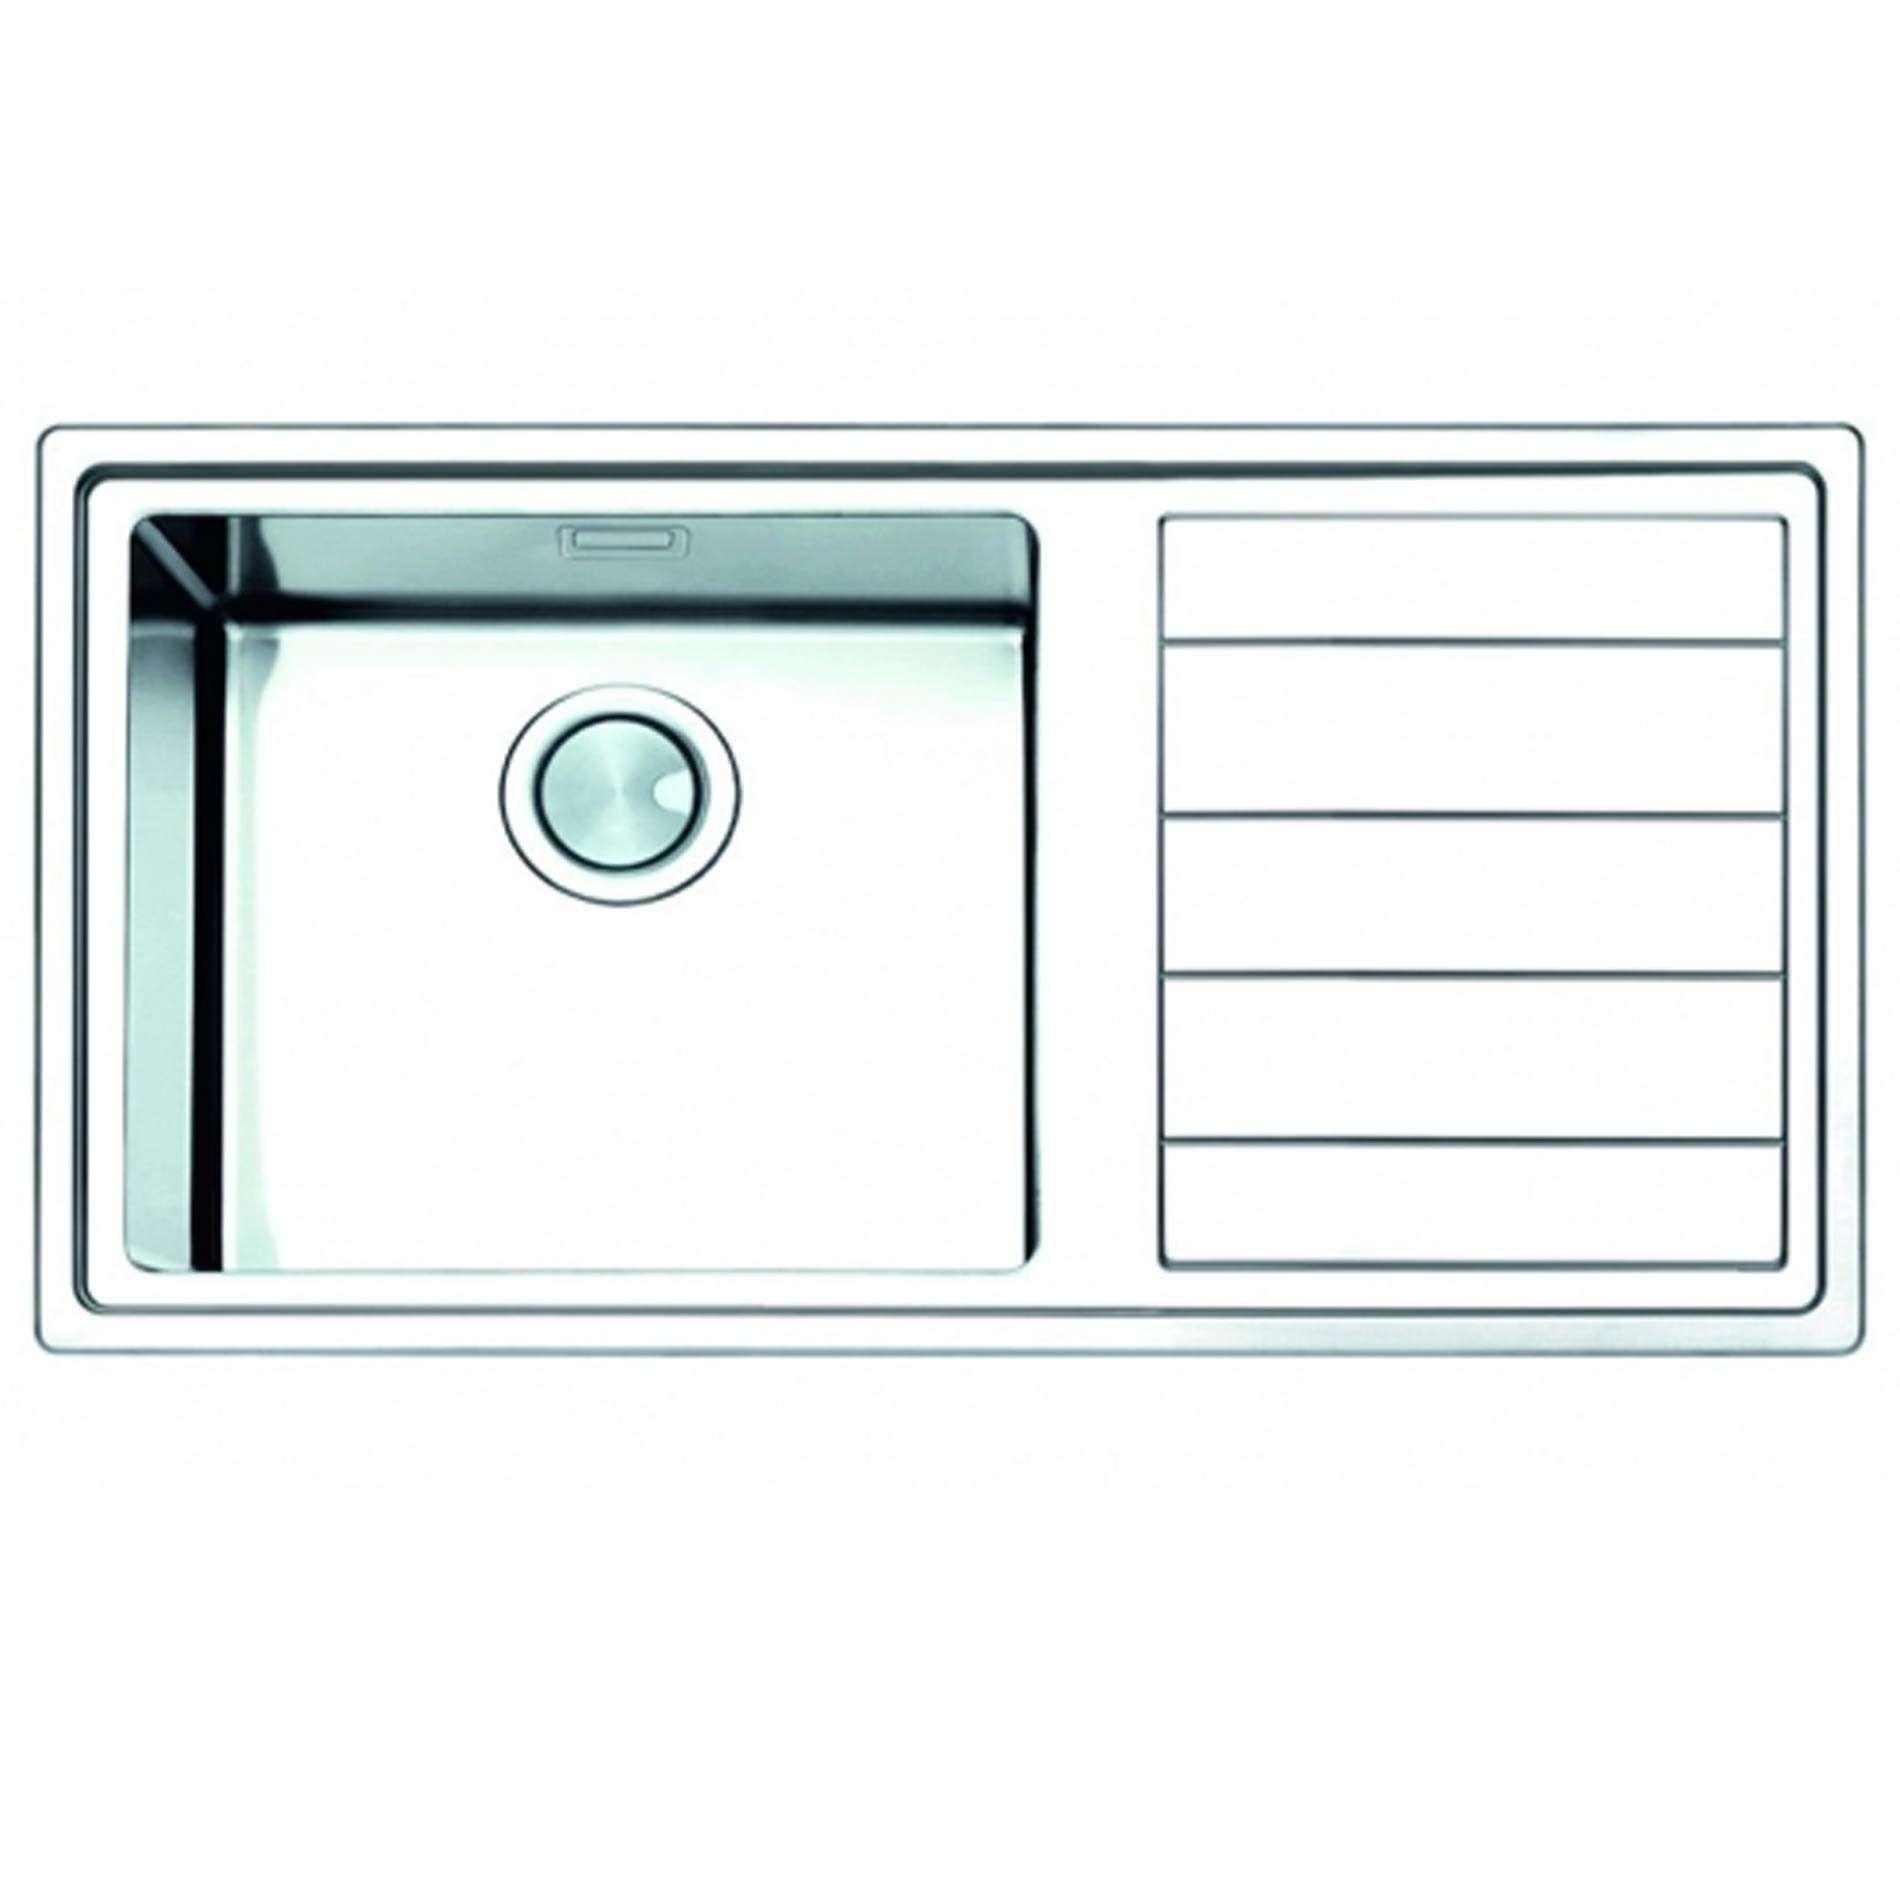 Clearwater - Kitchen Sinks & Taps